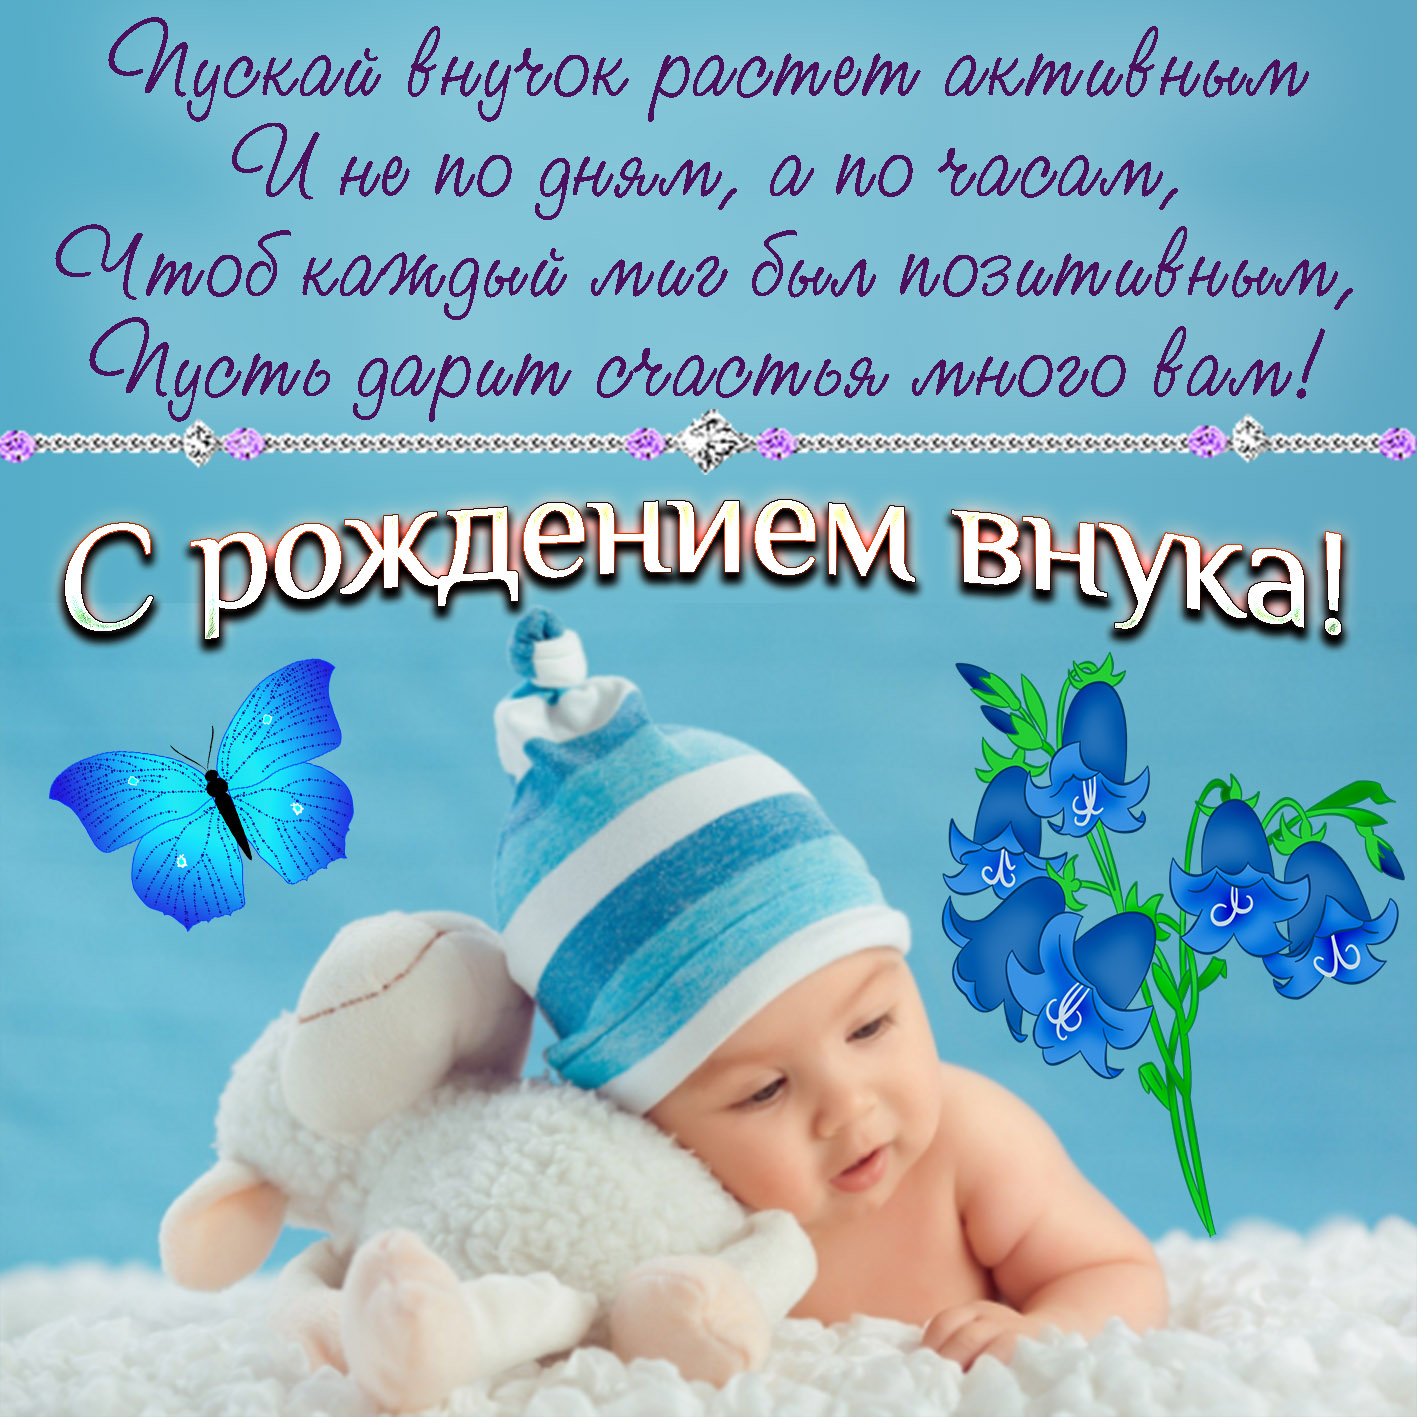 Поздравления сестре с рождением внука картинки